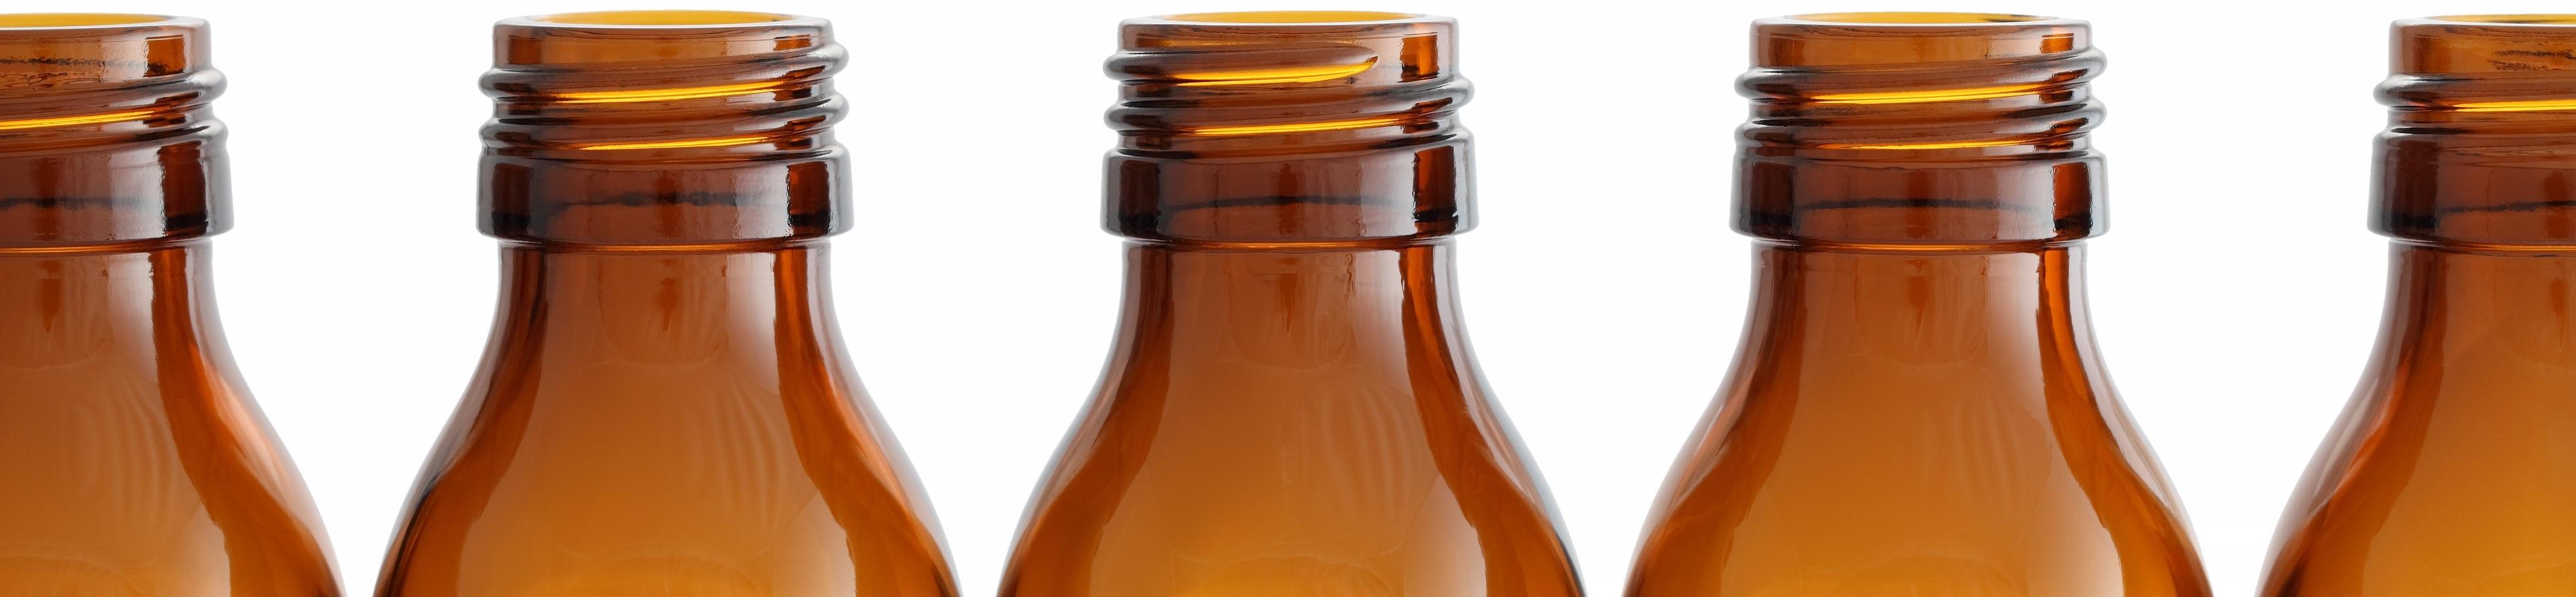 Amber glass bottles PH